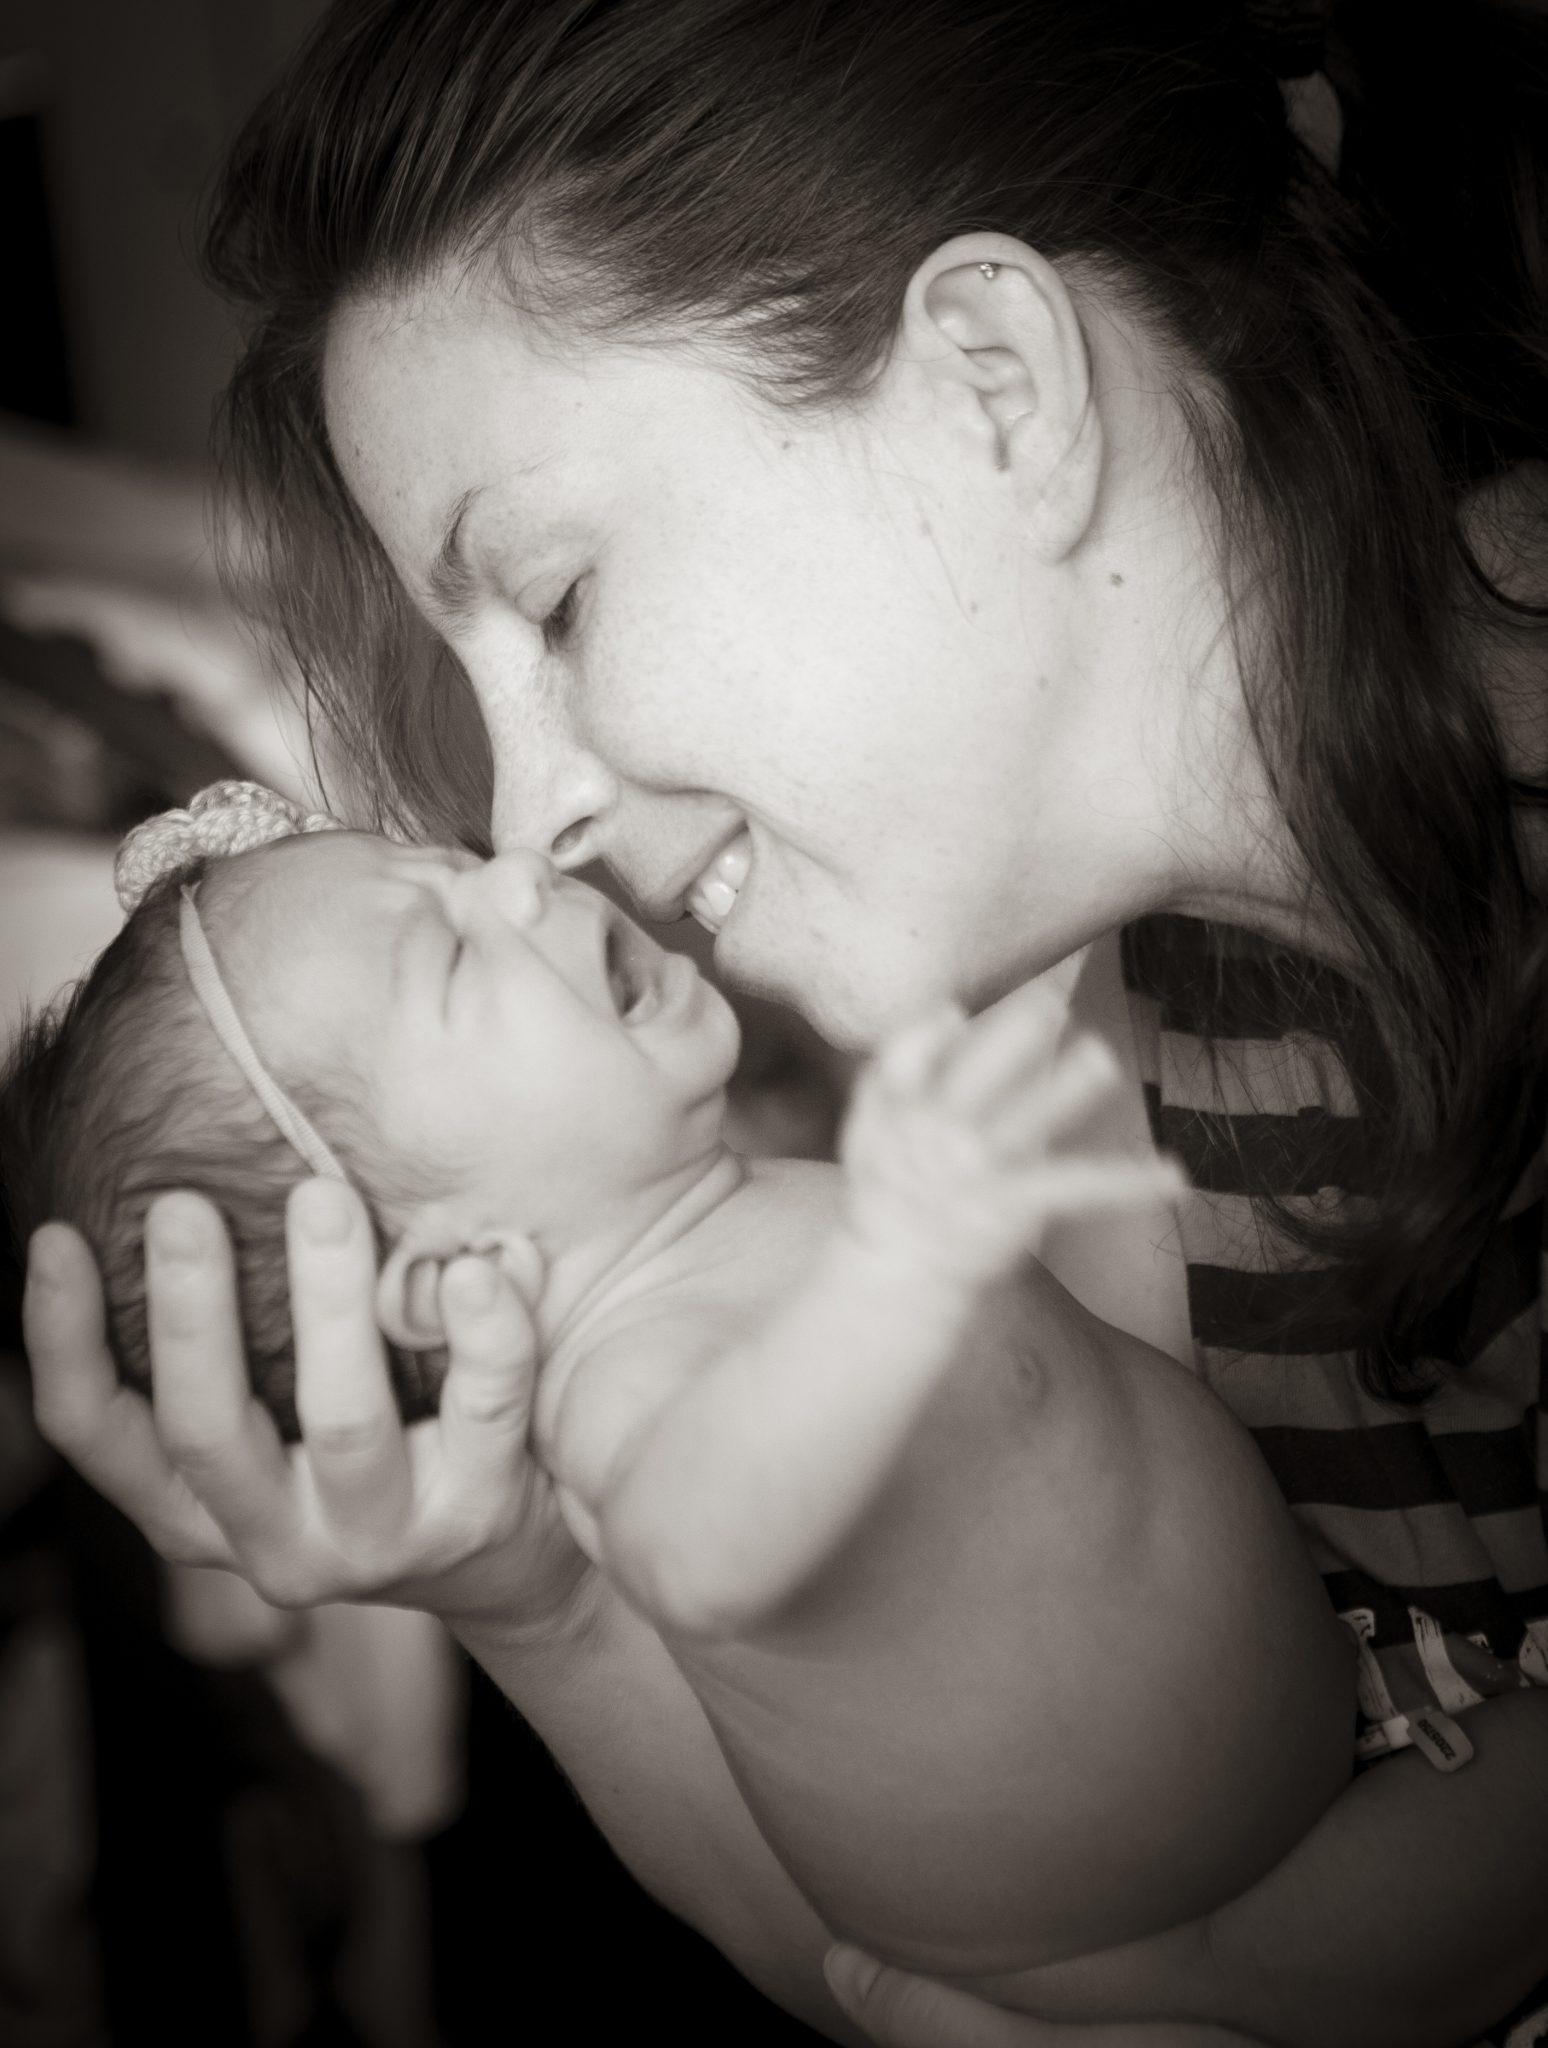 nur0066 - Sesión de fotos de recién nacido en casa